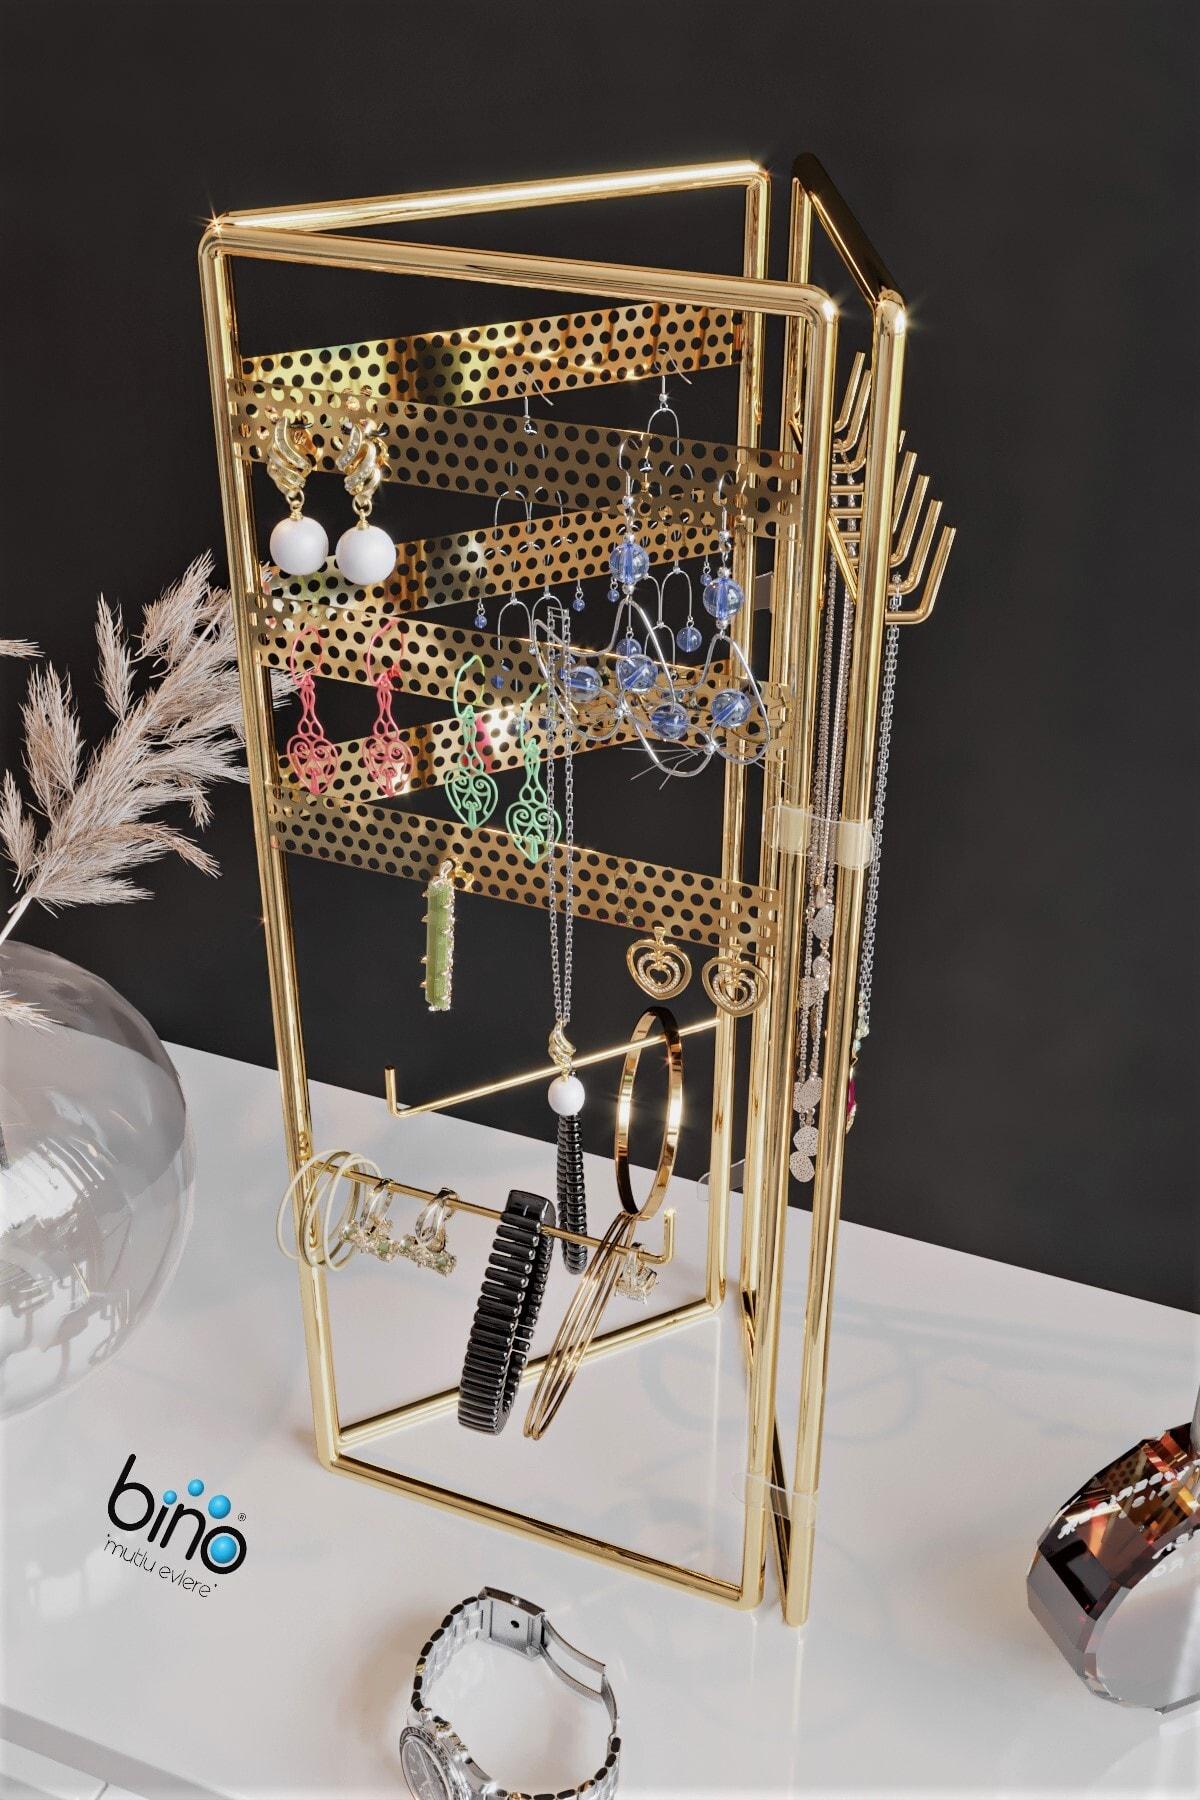 Bino Gold Altın 3'lü Takı Standı, Takılık, Küpelik, Bileklik, Kolye Seti, Takı Dolabı Düzenleyici 2